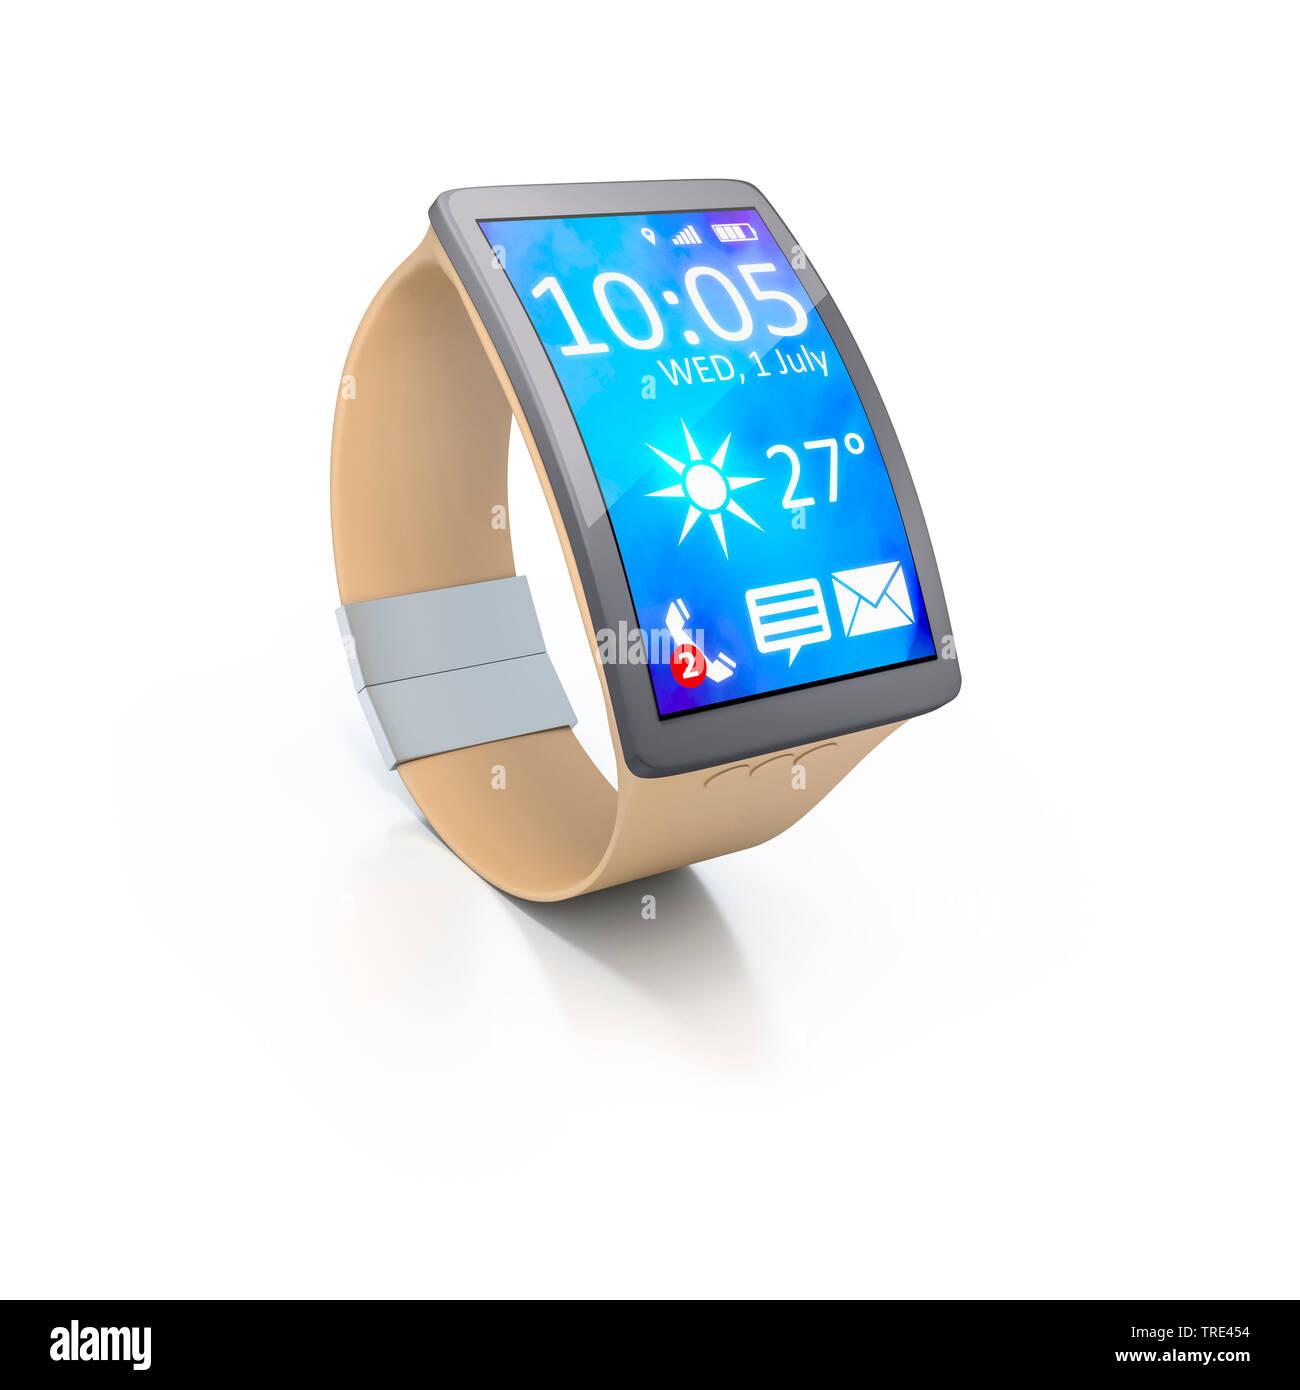 Smartwatch mit aktivem Bildschirm vor weissem Hintergrund | Smartwatch with activated screen against white background | BLWS516788.jpg [ (c) blickwink - Stock Image